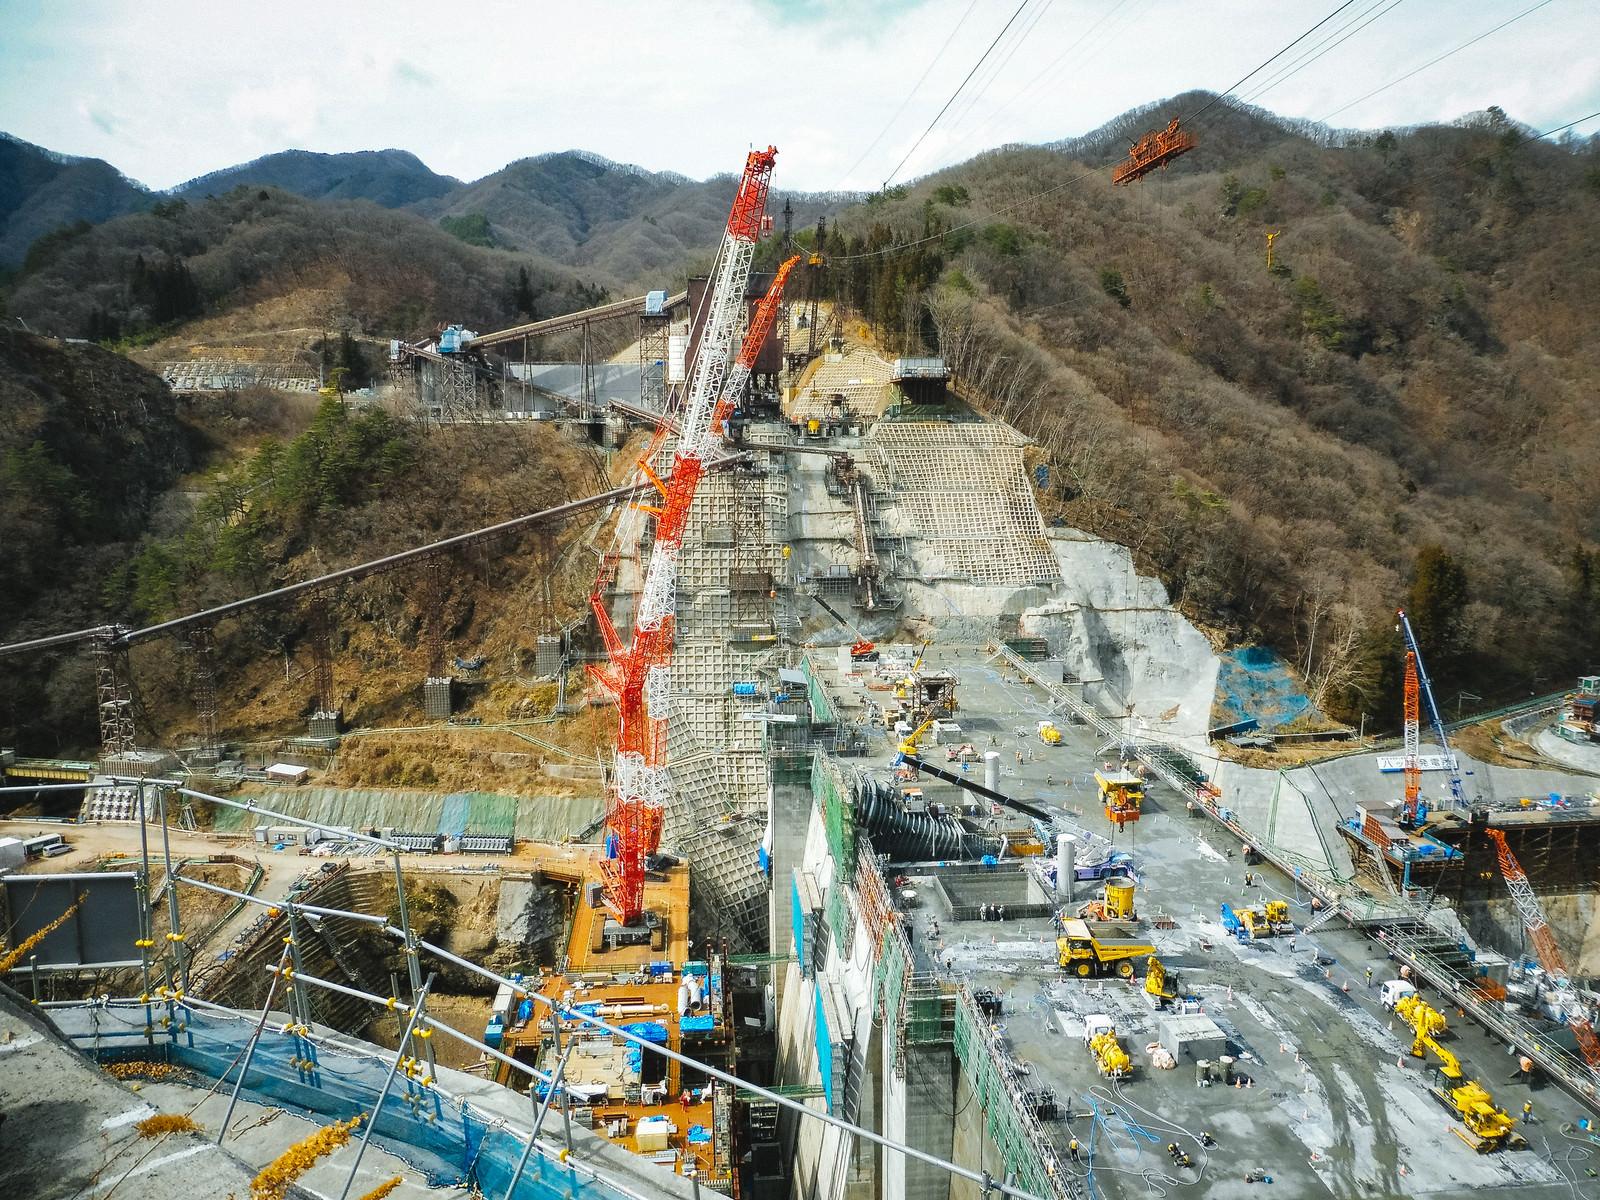 「八ッ場ダムの工事風景(大型クレーン)八ッ場ダムの工事風景(大型クレーン)」のフリー写真素材を拡大